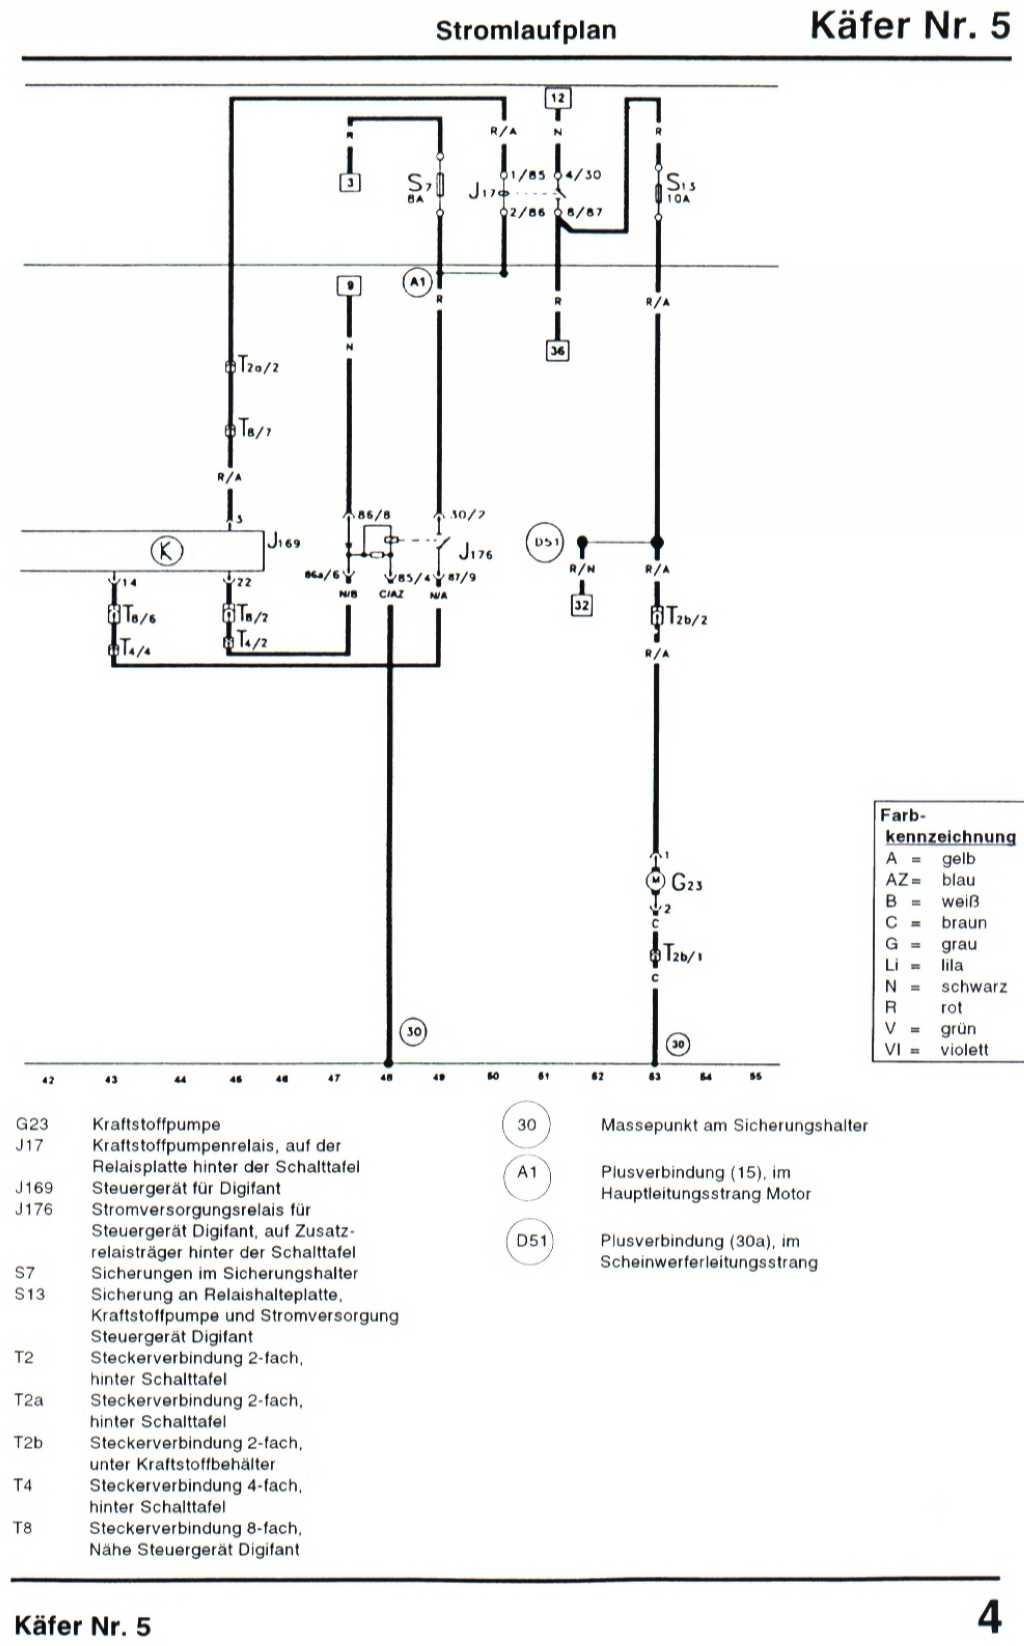 Fantastisch 97 Chevy Kraftstoffpumpe Schaltplan Bilder - Schaltplan ...